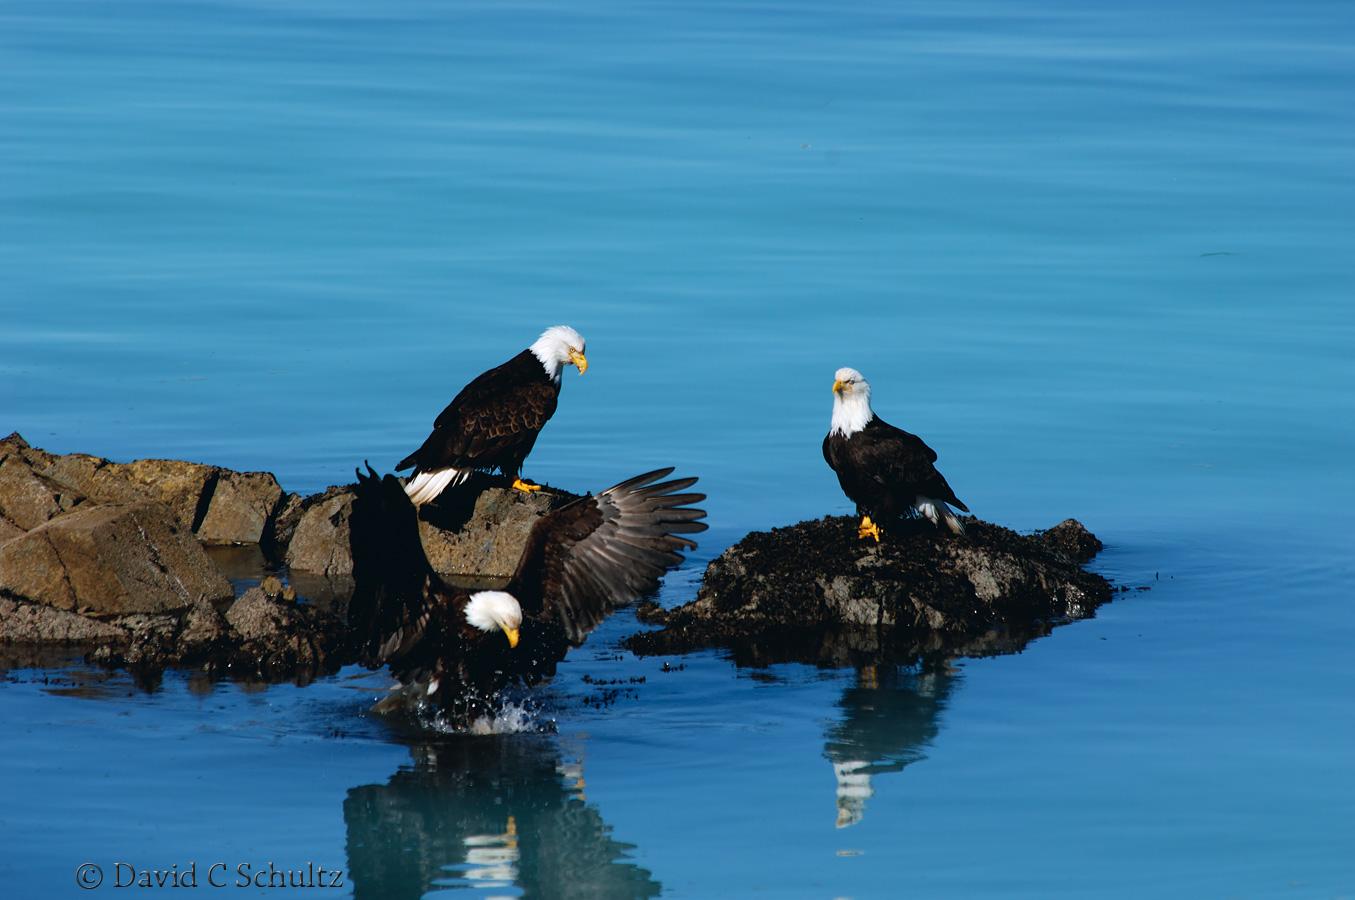 Bald eagle, Sitka, Alaska - Image #175-430